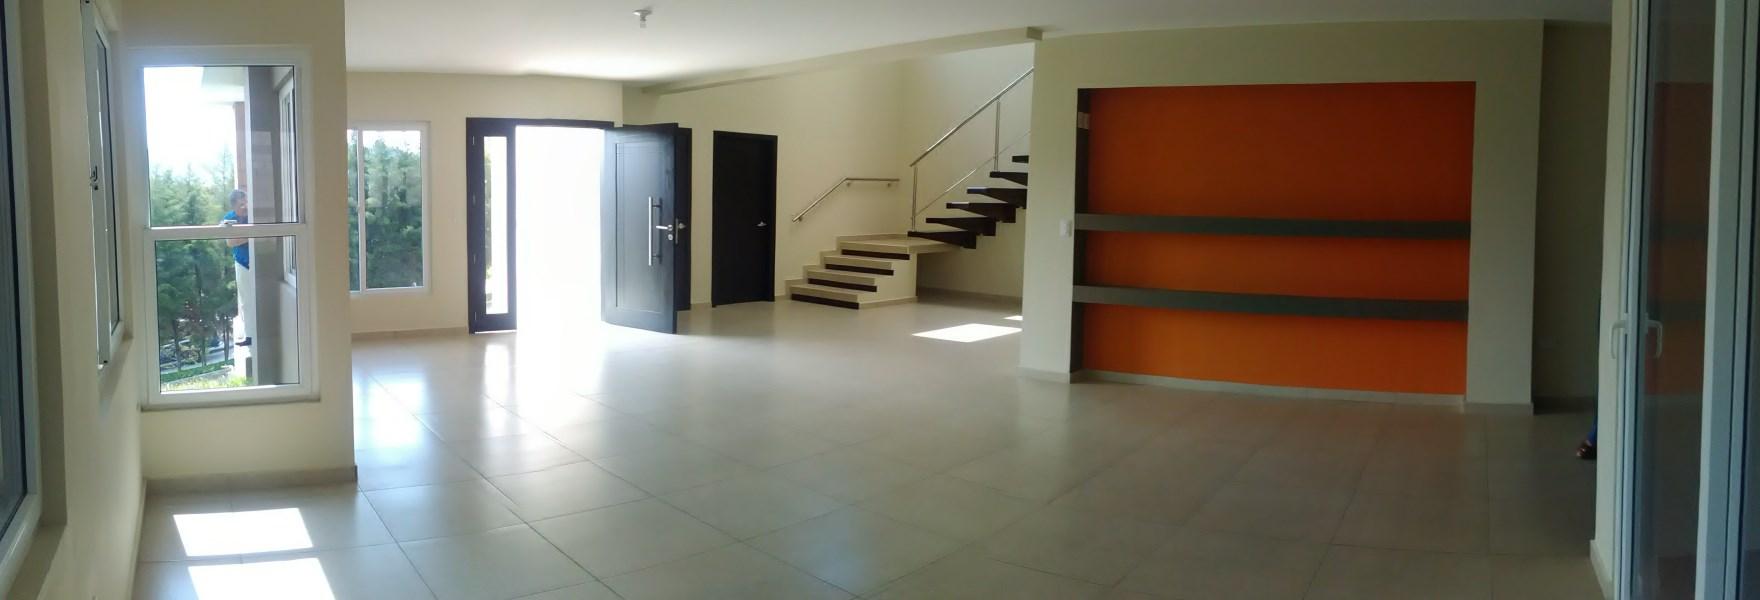 Remax real estate, El Salvador, Nuevo Cuscatlán, HOUSE FOR RENT IN RESIDENTIAL LA FLORIDA NEW